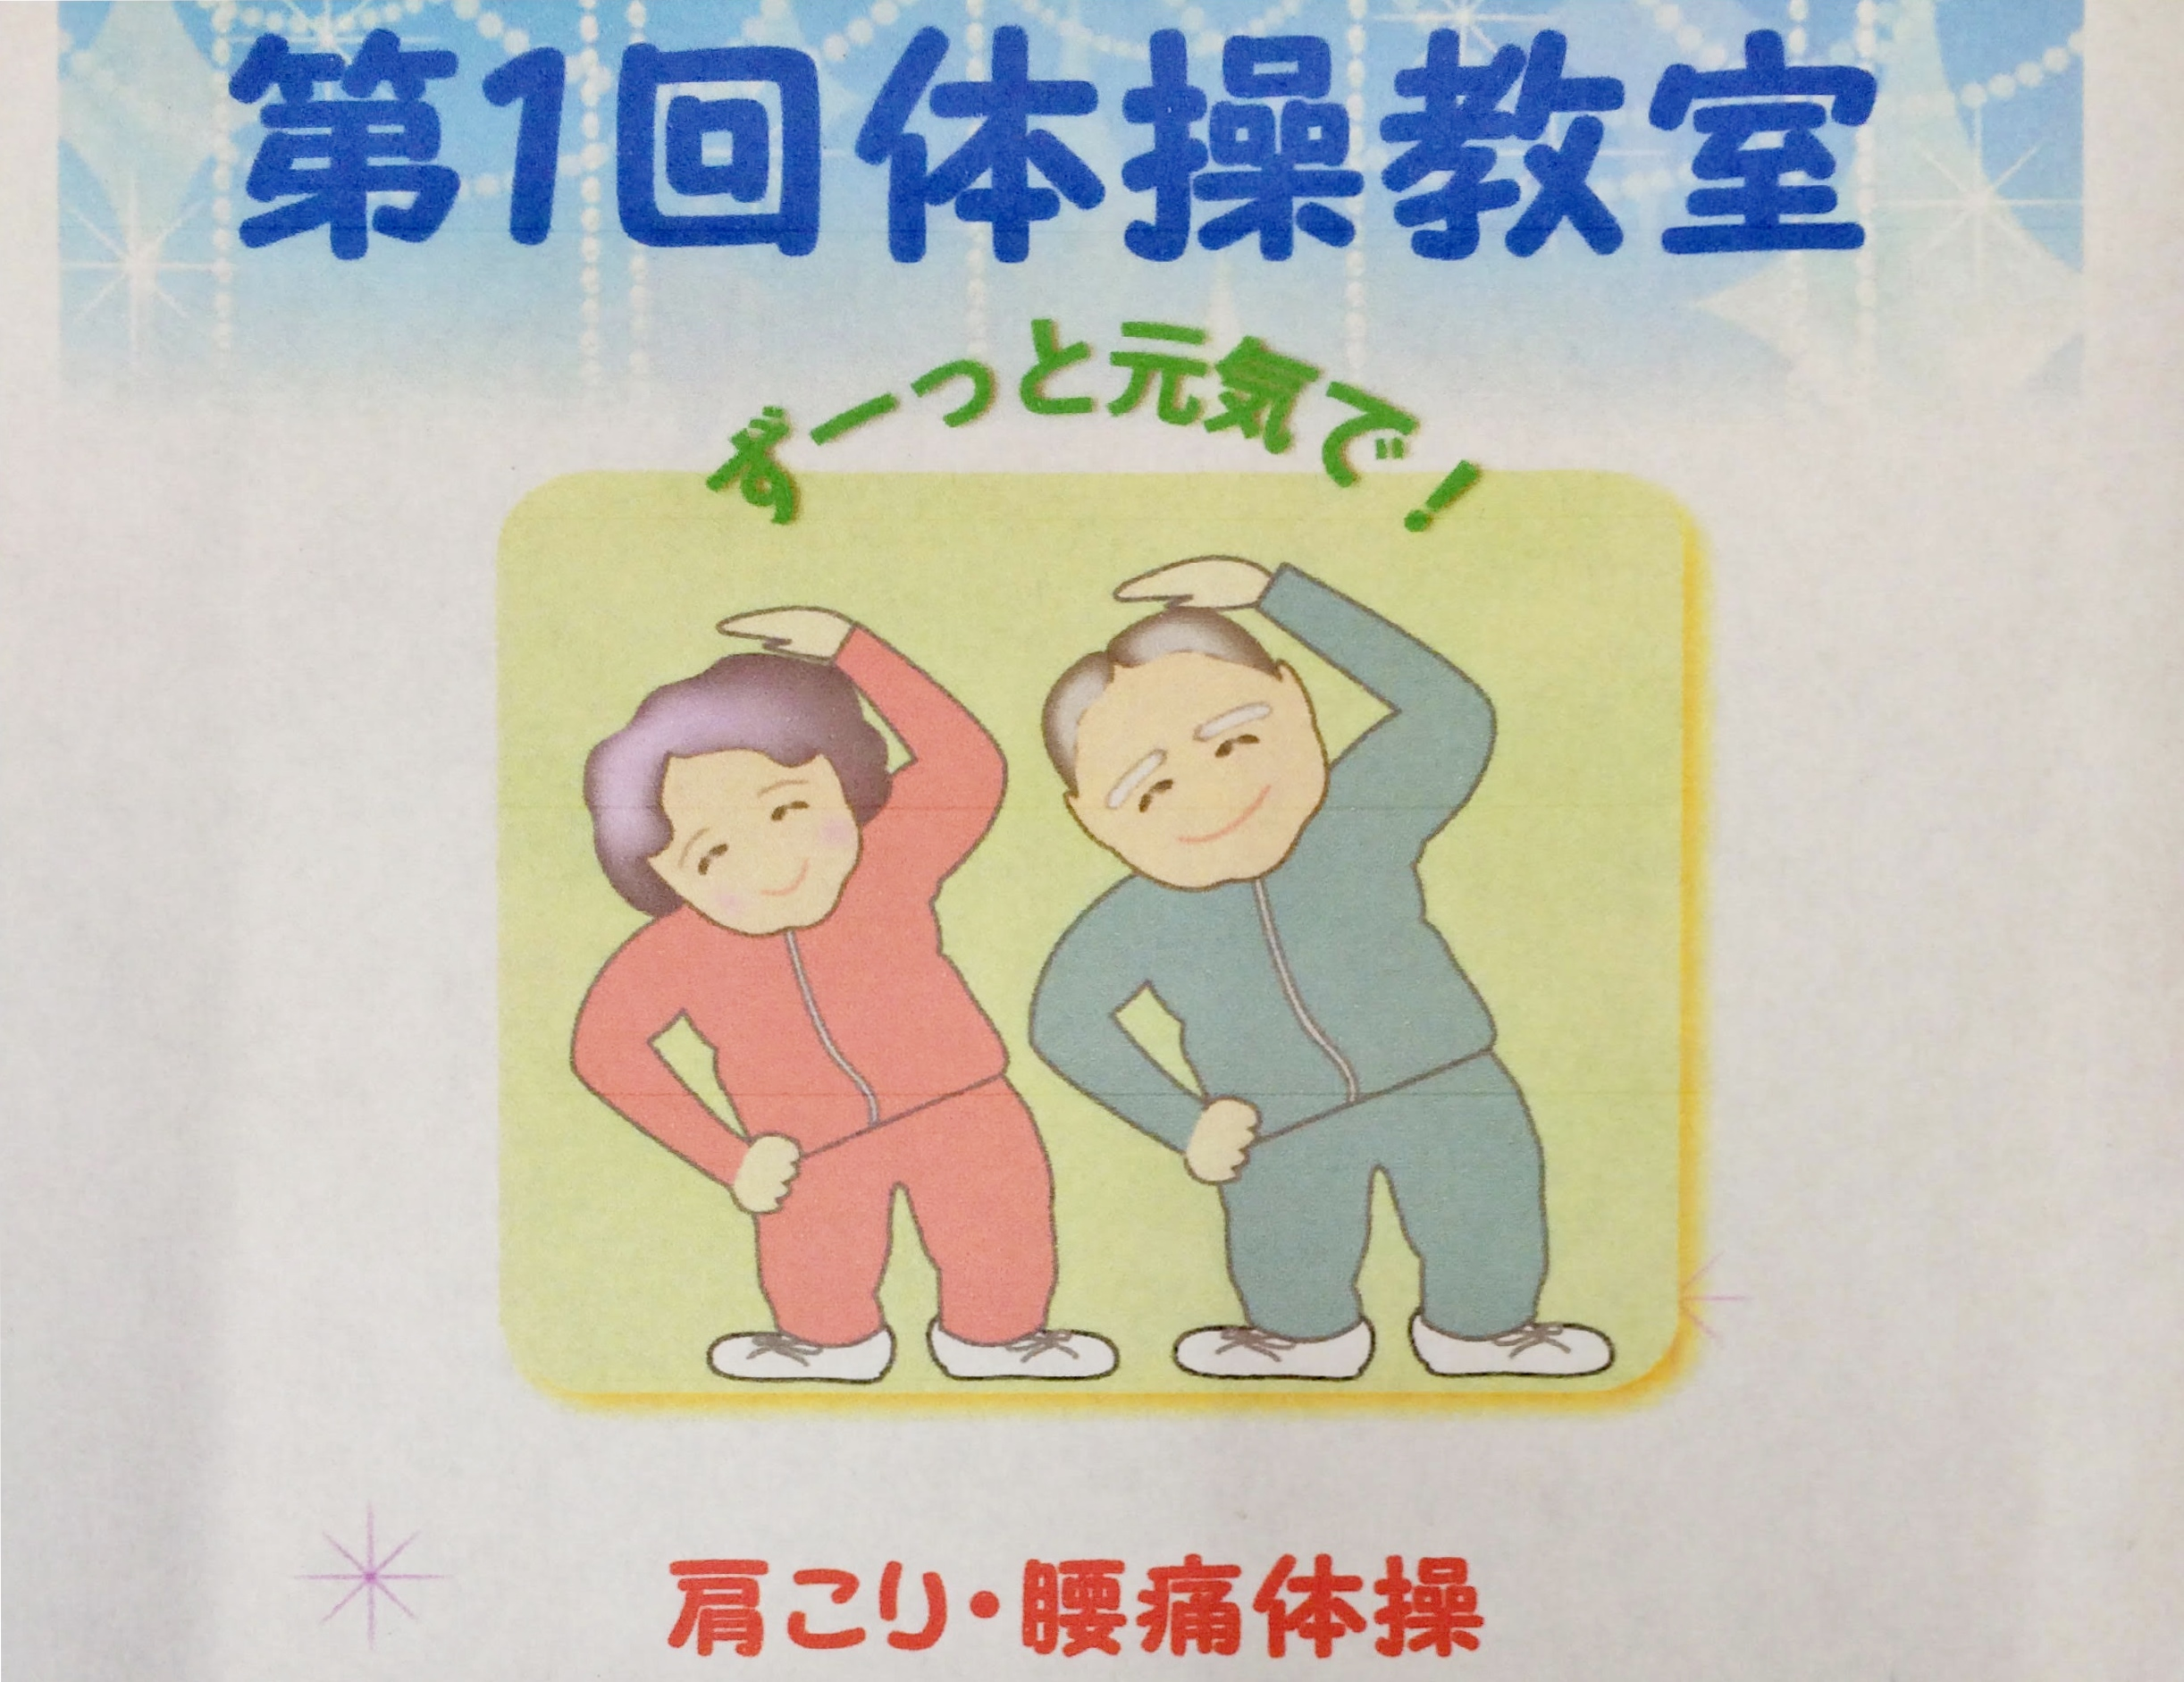 6月11日 【第1回 体操教室】肩こり・腰痛体操